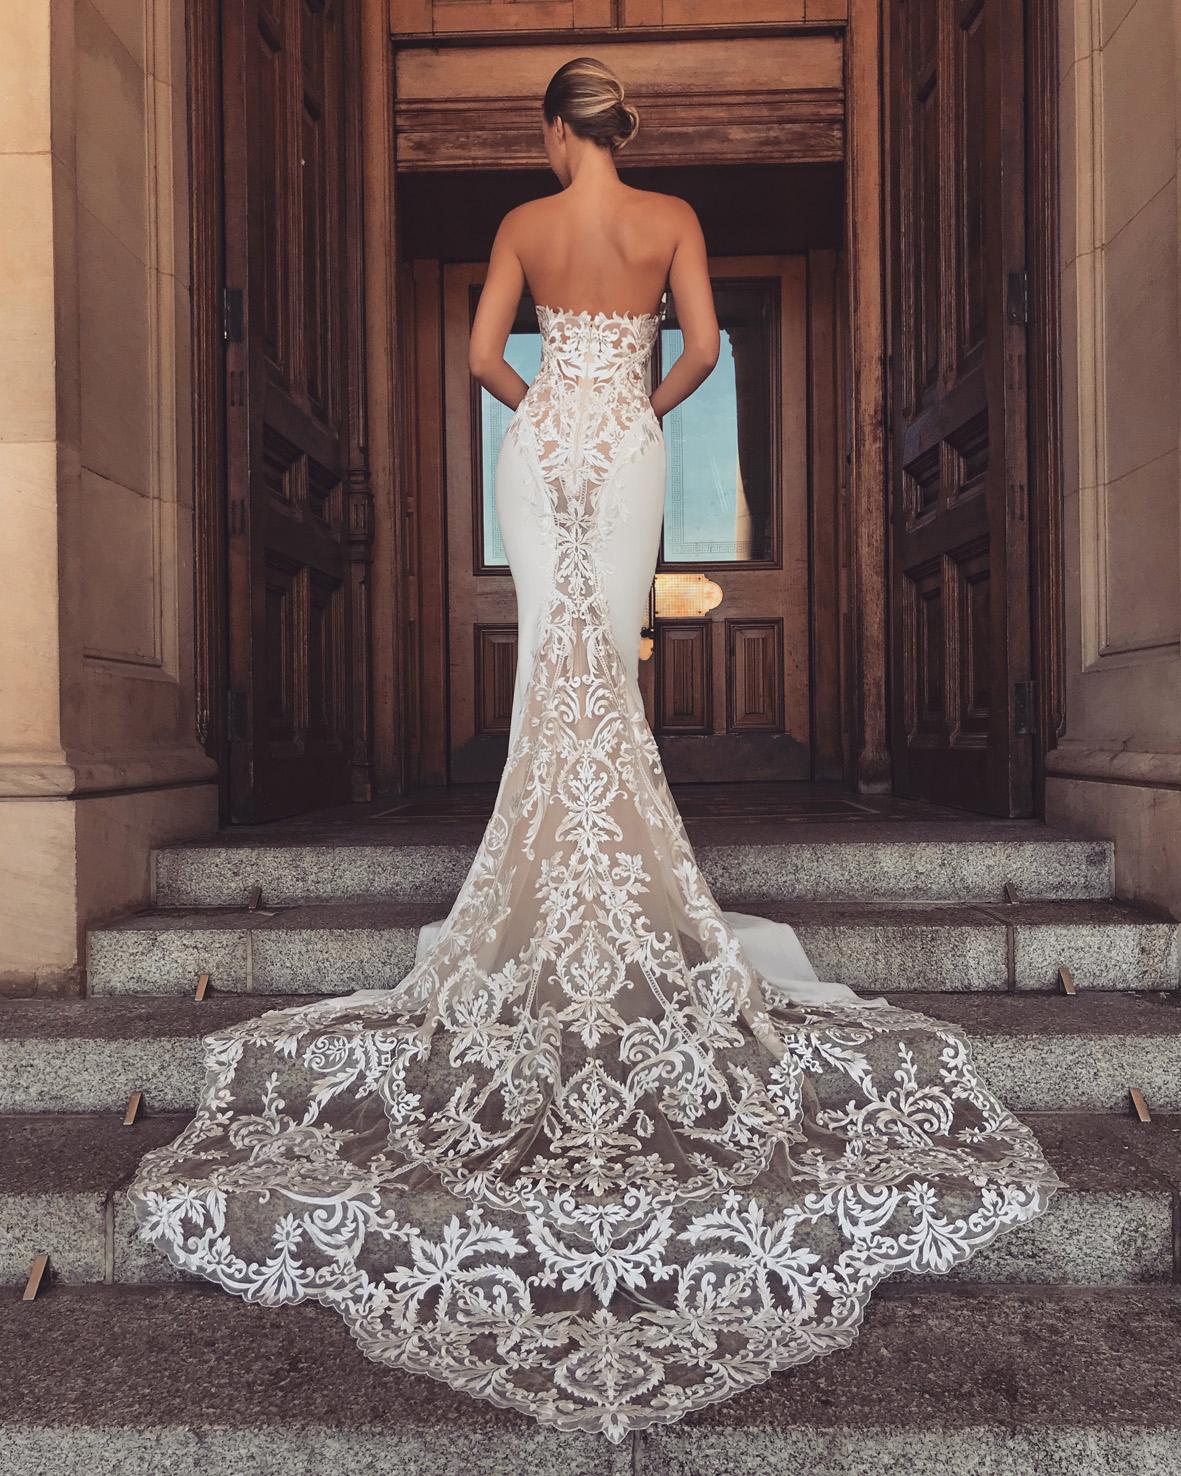 de4360be1aaa La Belle Angele- Bridal-wear Norwich. Boutique in Norwich & Norfolk